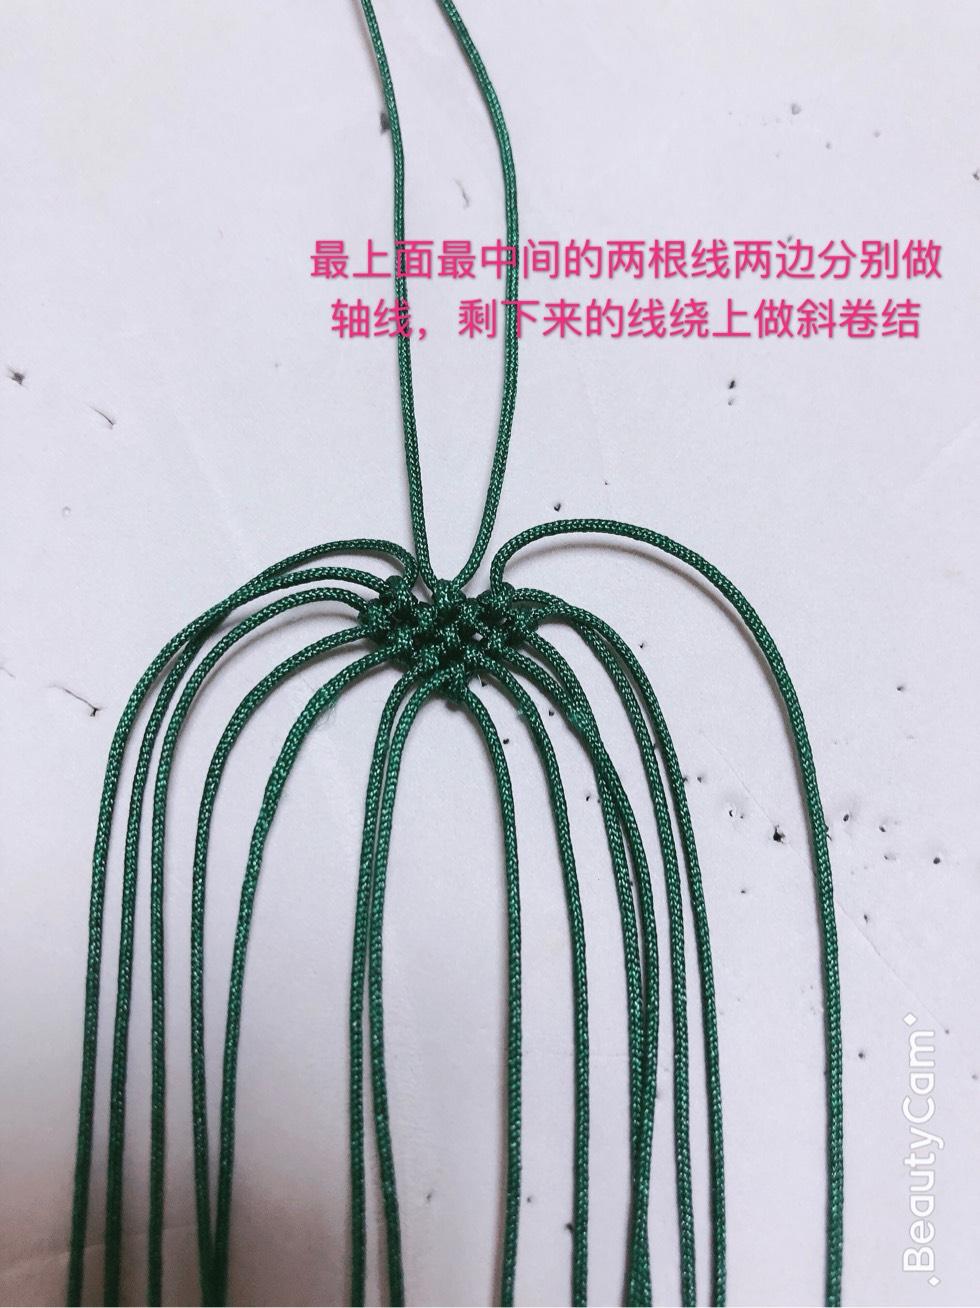 中国结论坛 心心相印手链(知否知否,应是绿肥红瘦)  图文教程区 091009o3k6h766v1nxb4j1